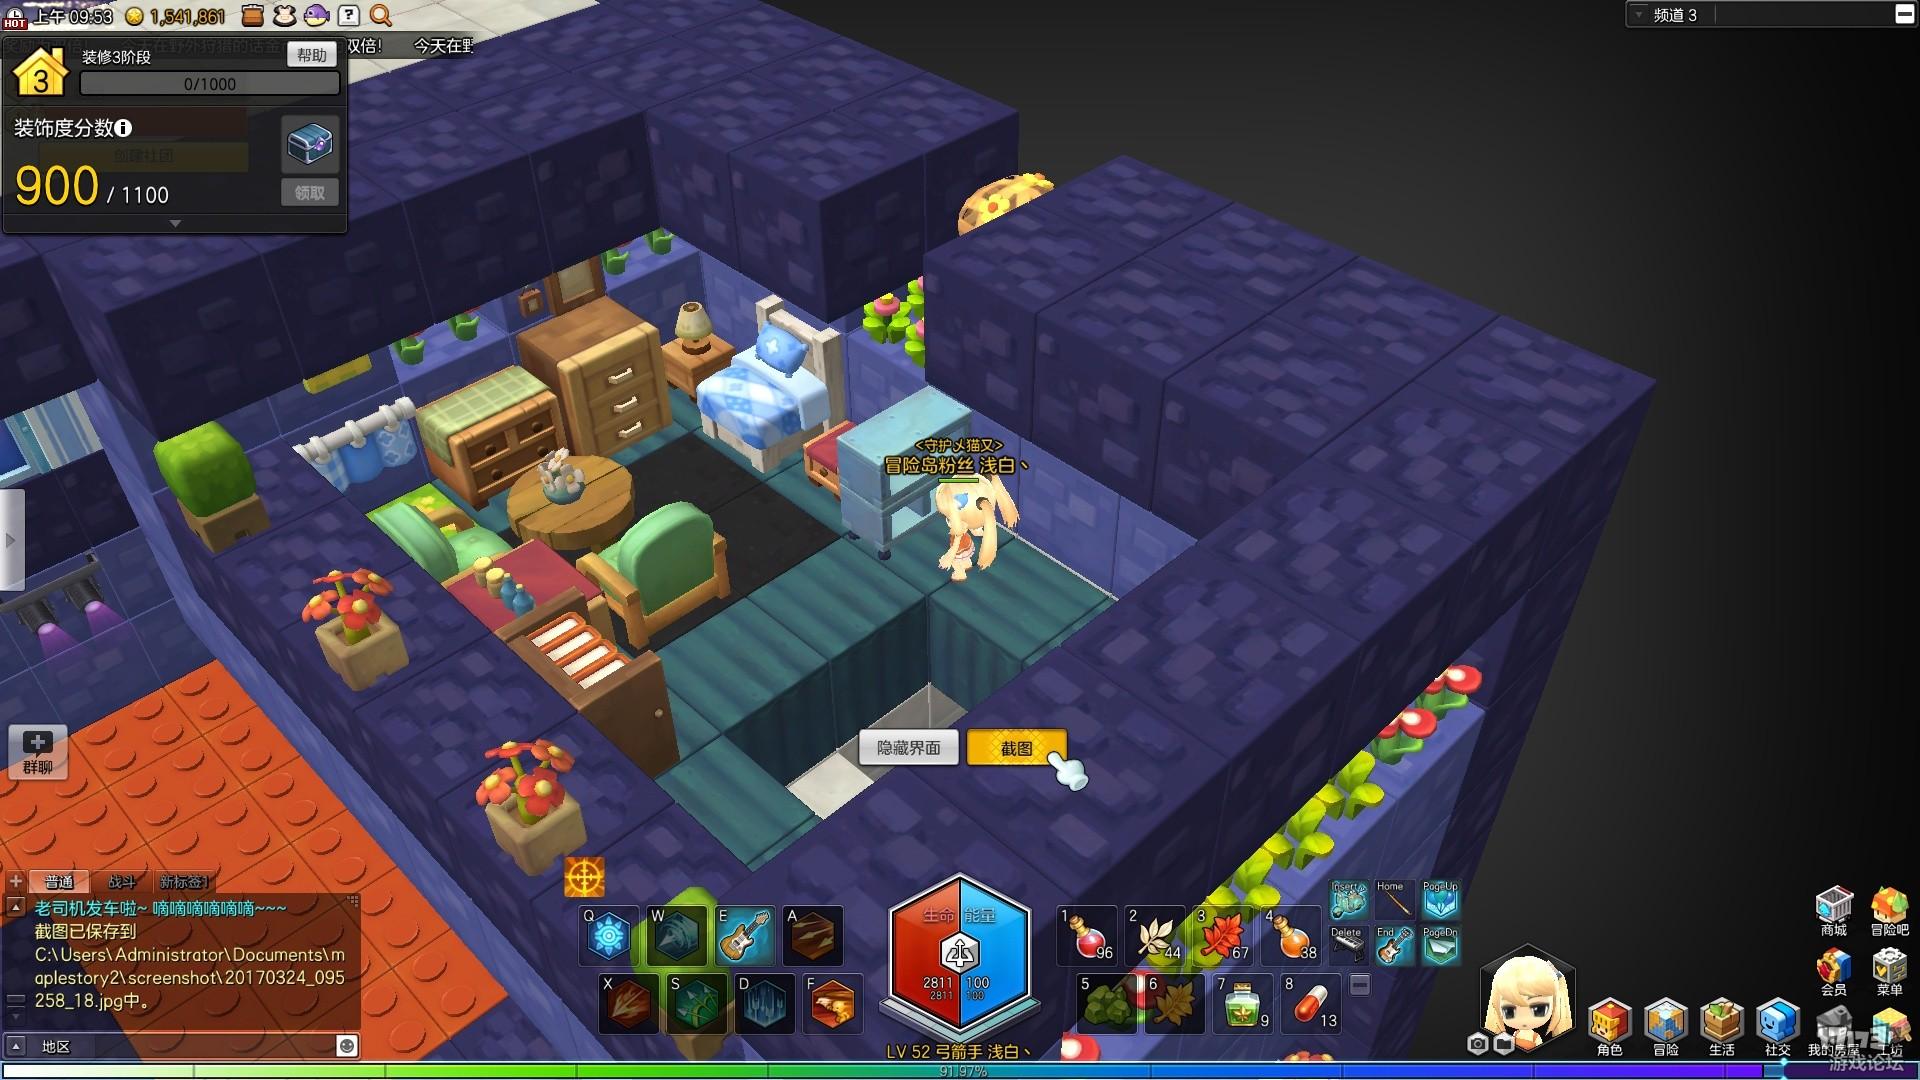 冒险岛2终极测试房屋diy效果图